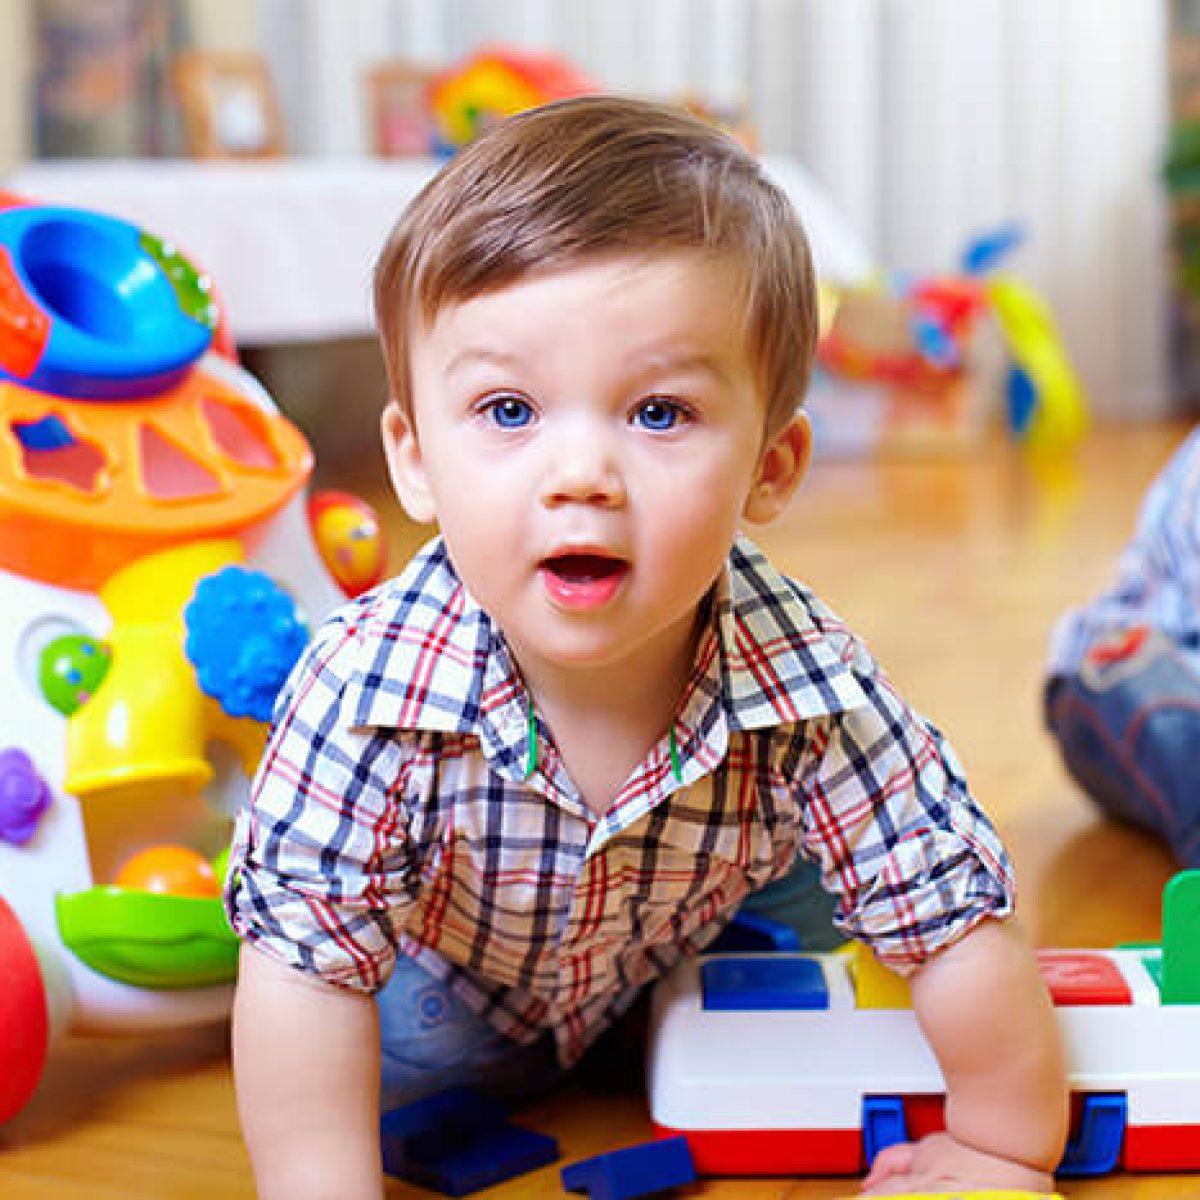 Nagybajomi Mesevár Óvoda és Bölcsőde kisfiú